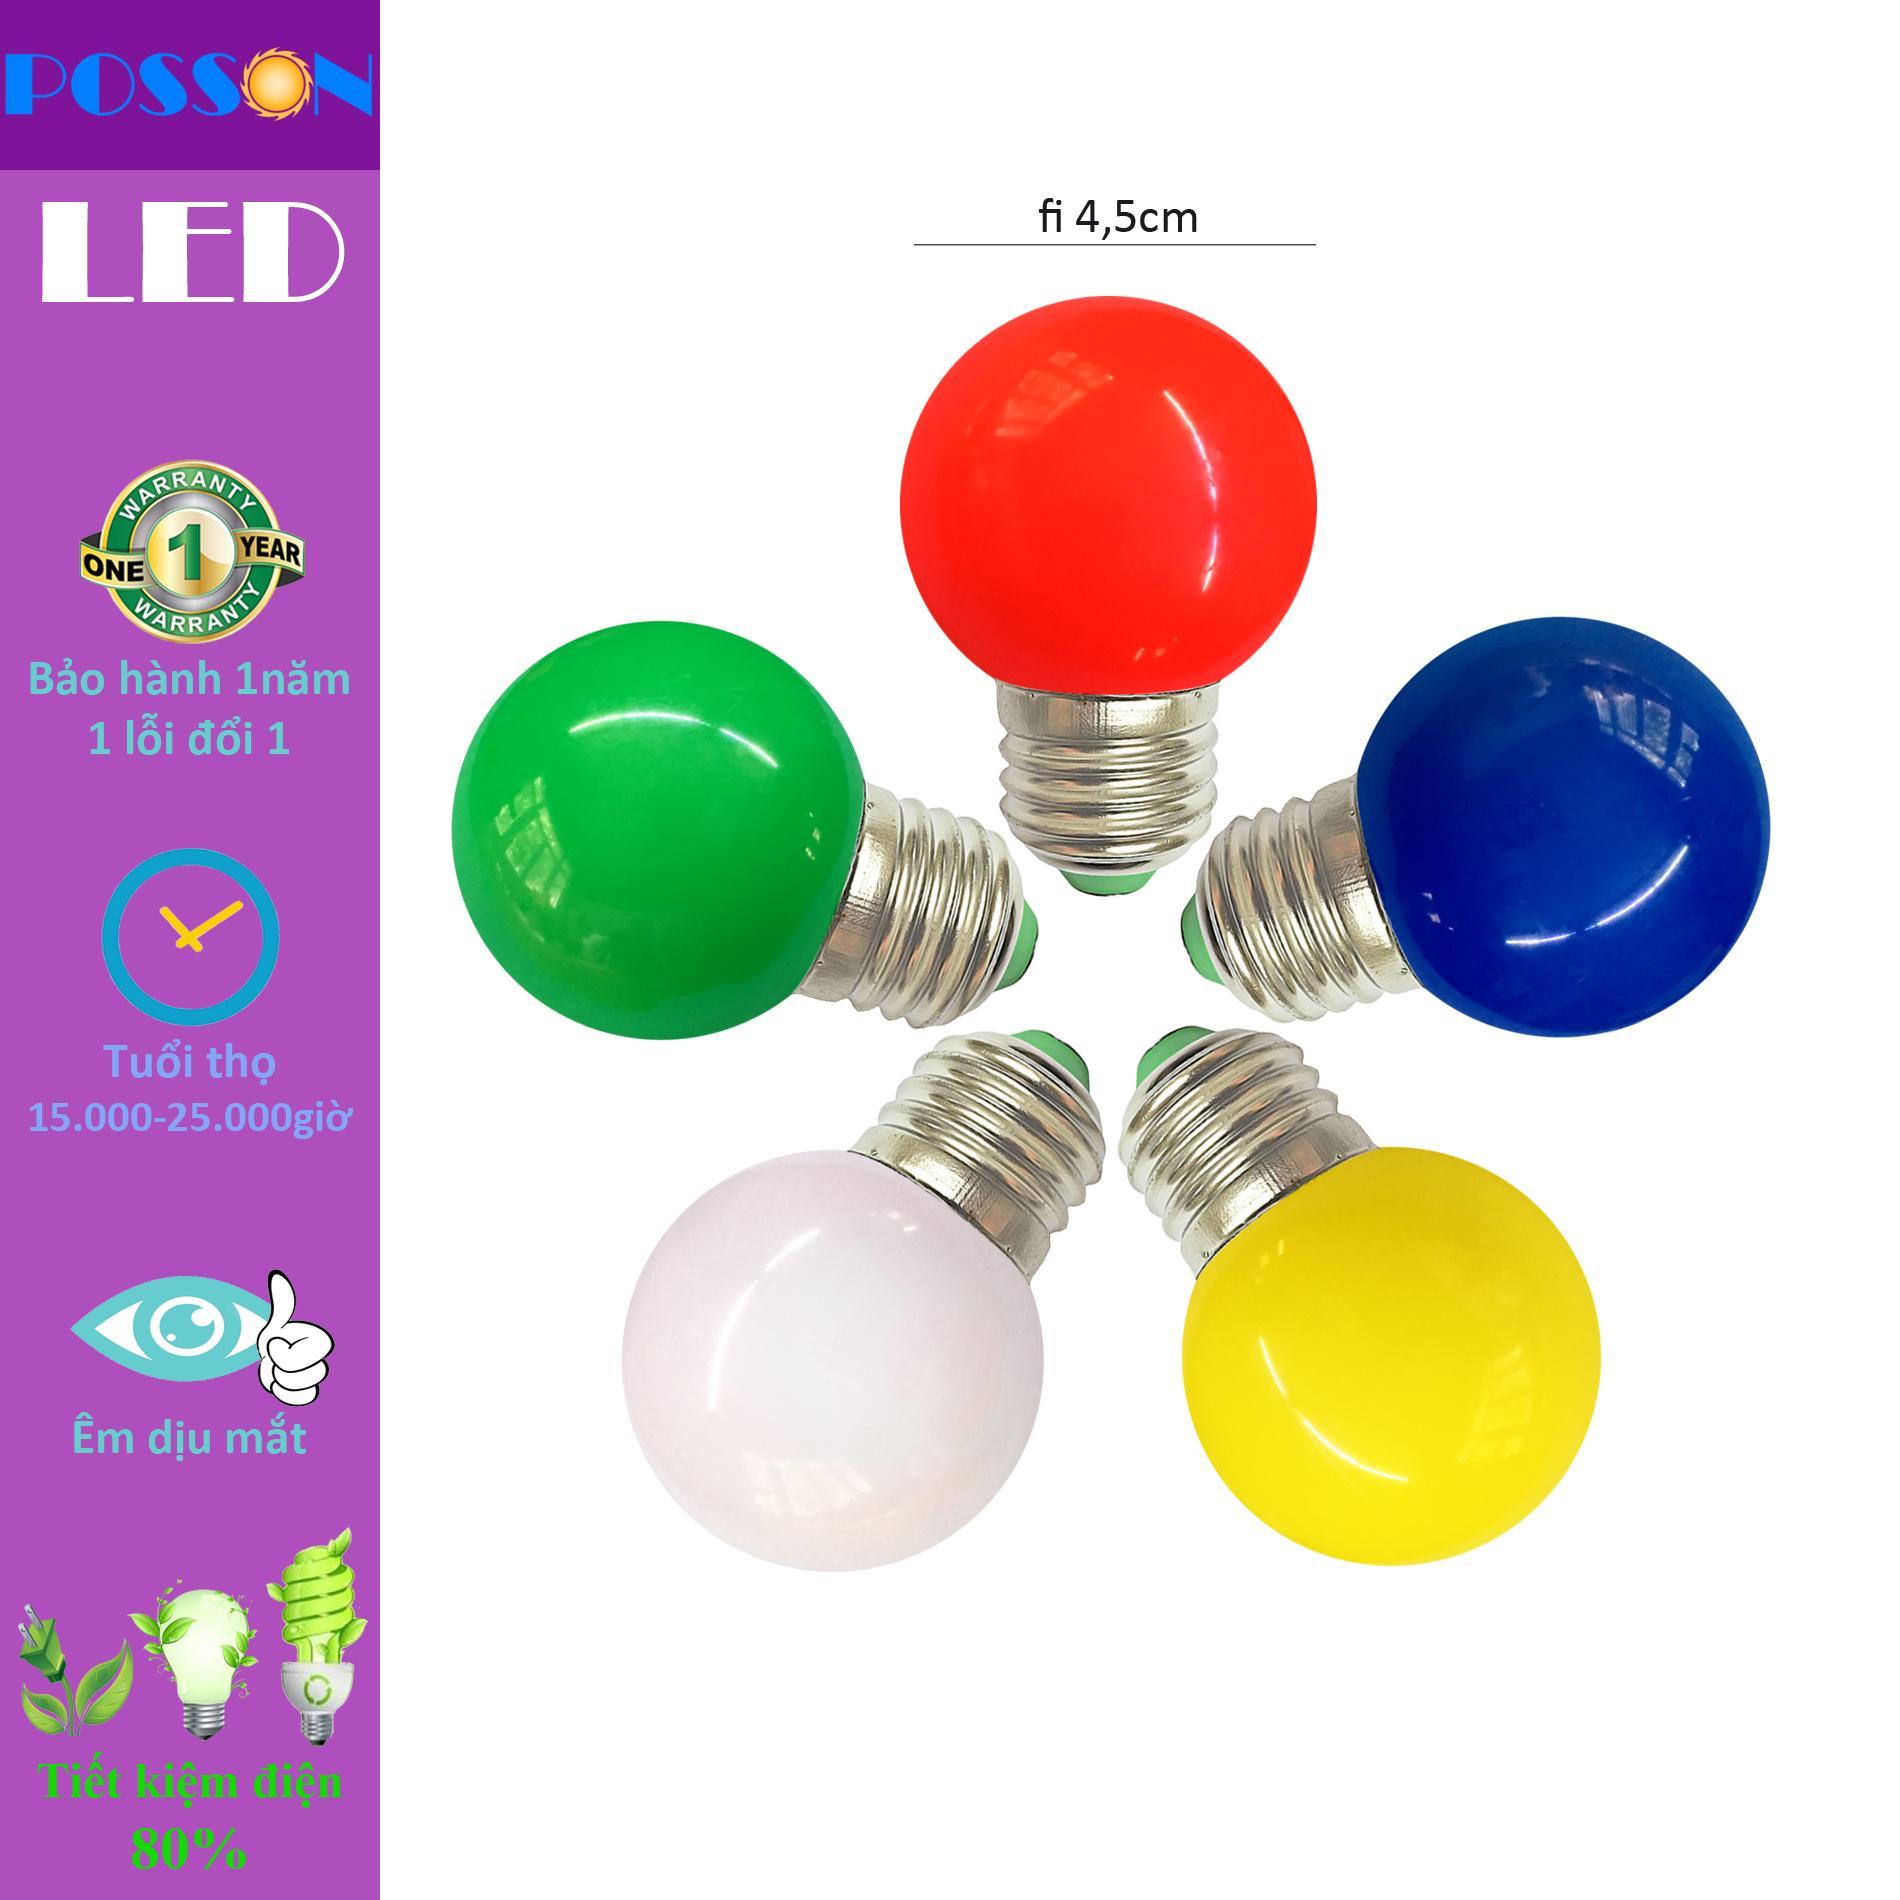 10 Bóng đèn Led Quả Trái Chanh Trang Trí Ngoài Trời 1w G45 đuôi E27 Màu Sắc Tùy Chọn LL-RGBYW Đang Ưu Đãi Giá